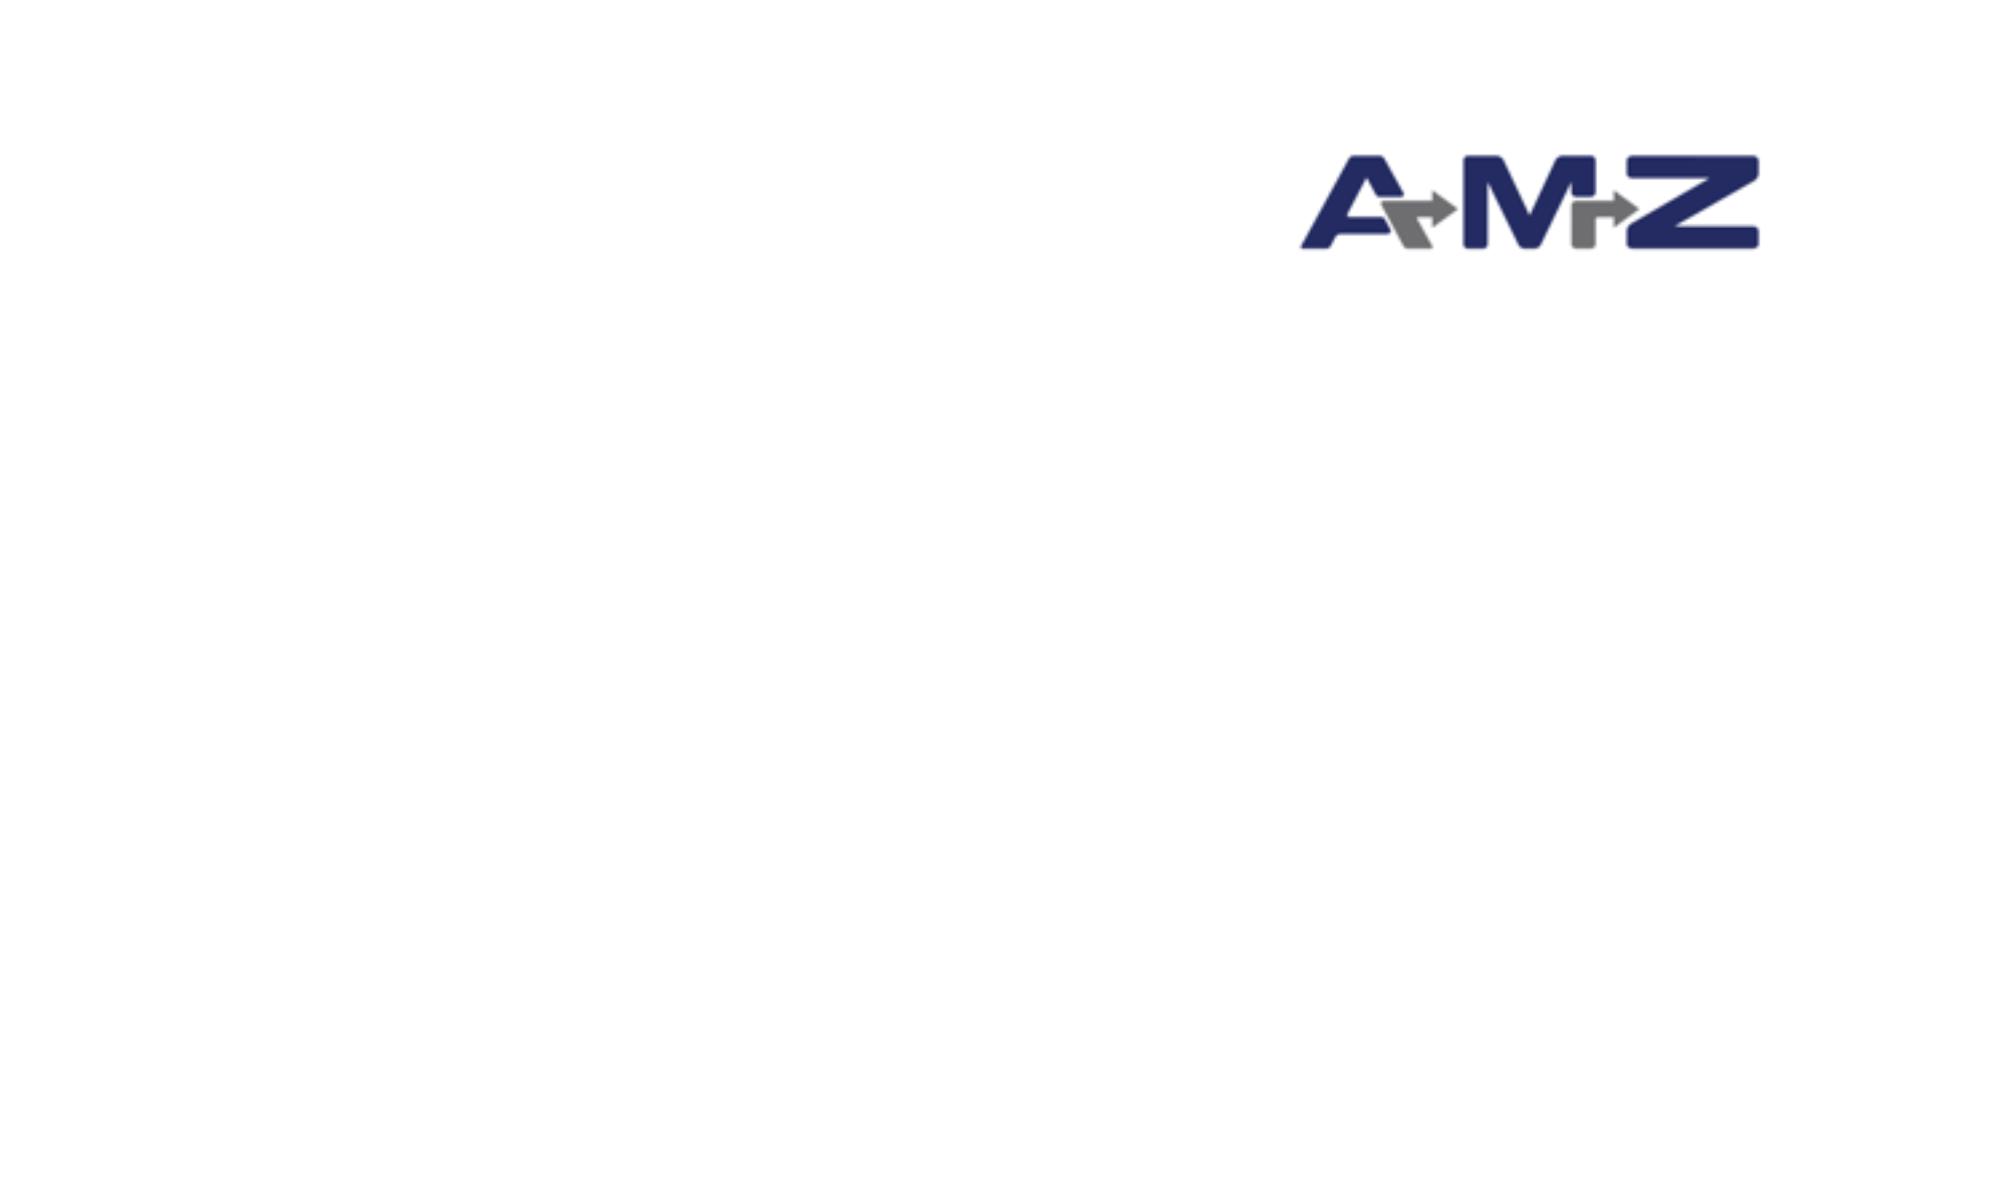 A-M-Z Group